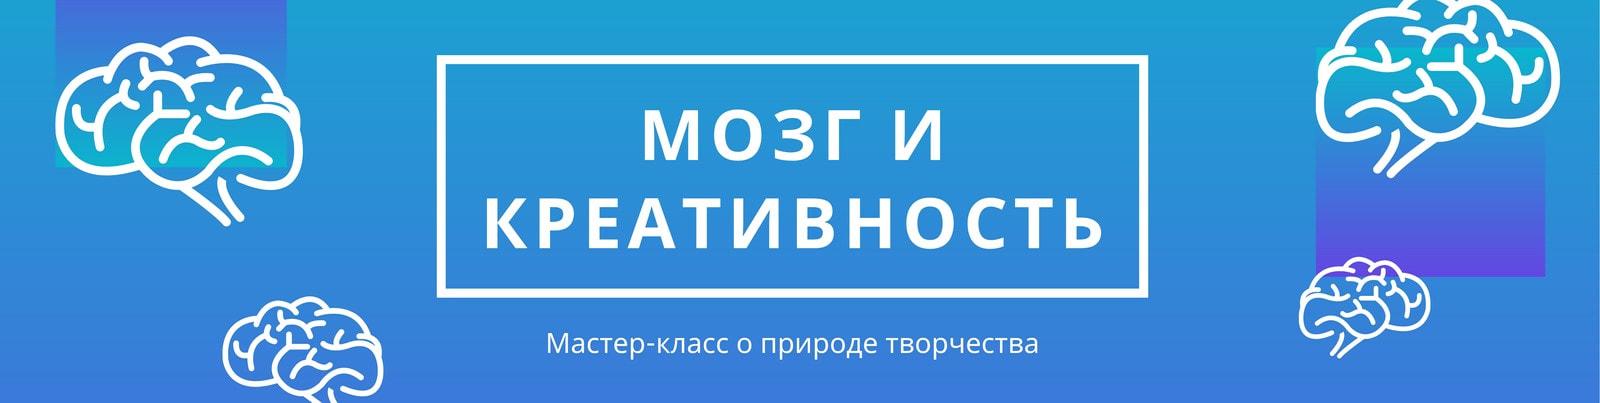 Голубая обложка группы ВК с минималистичным рисунком мозга